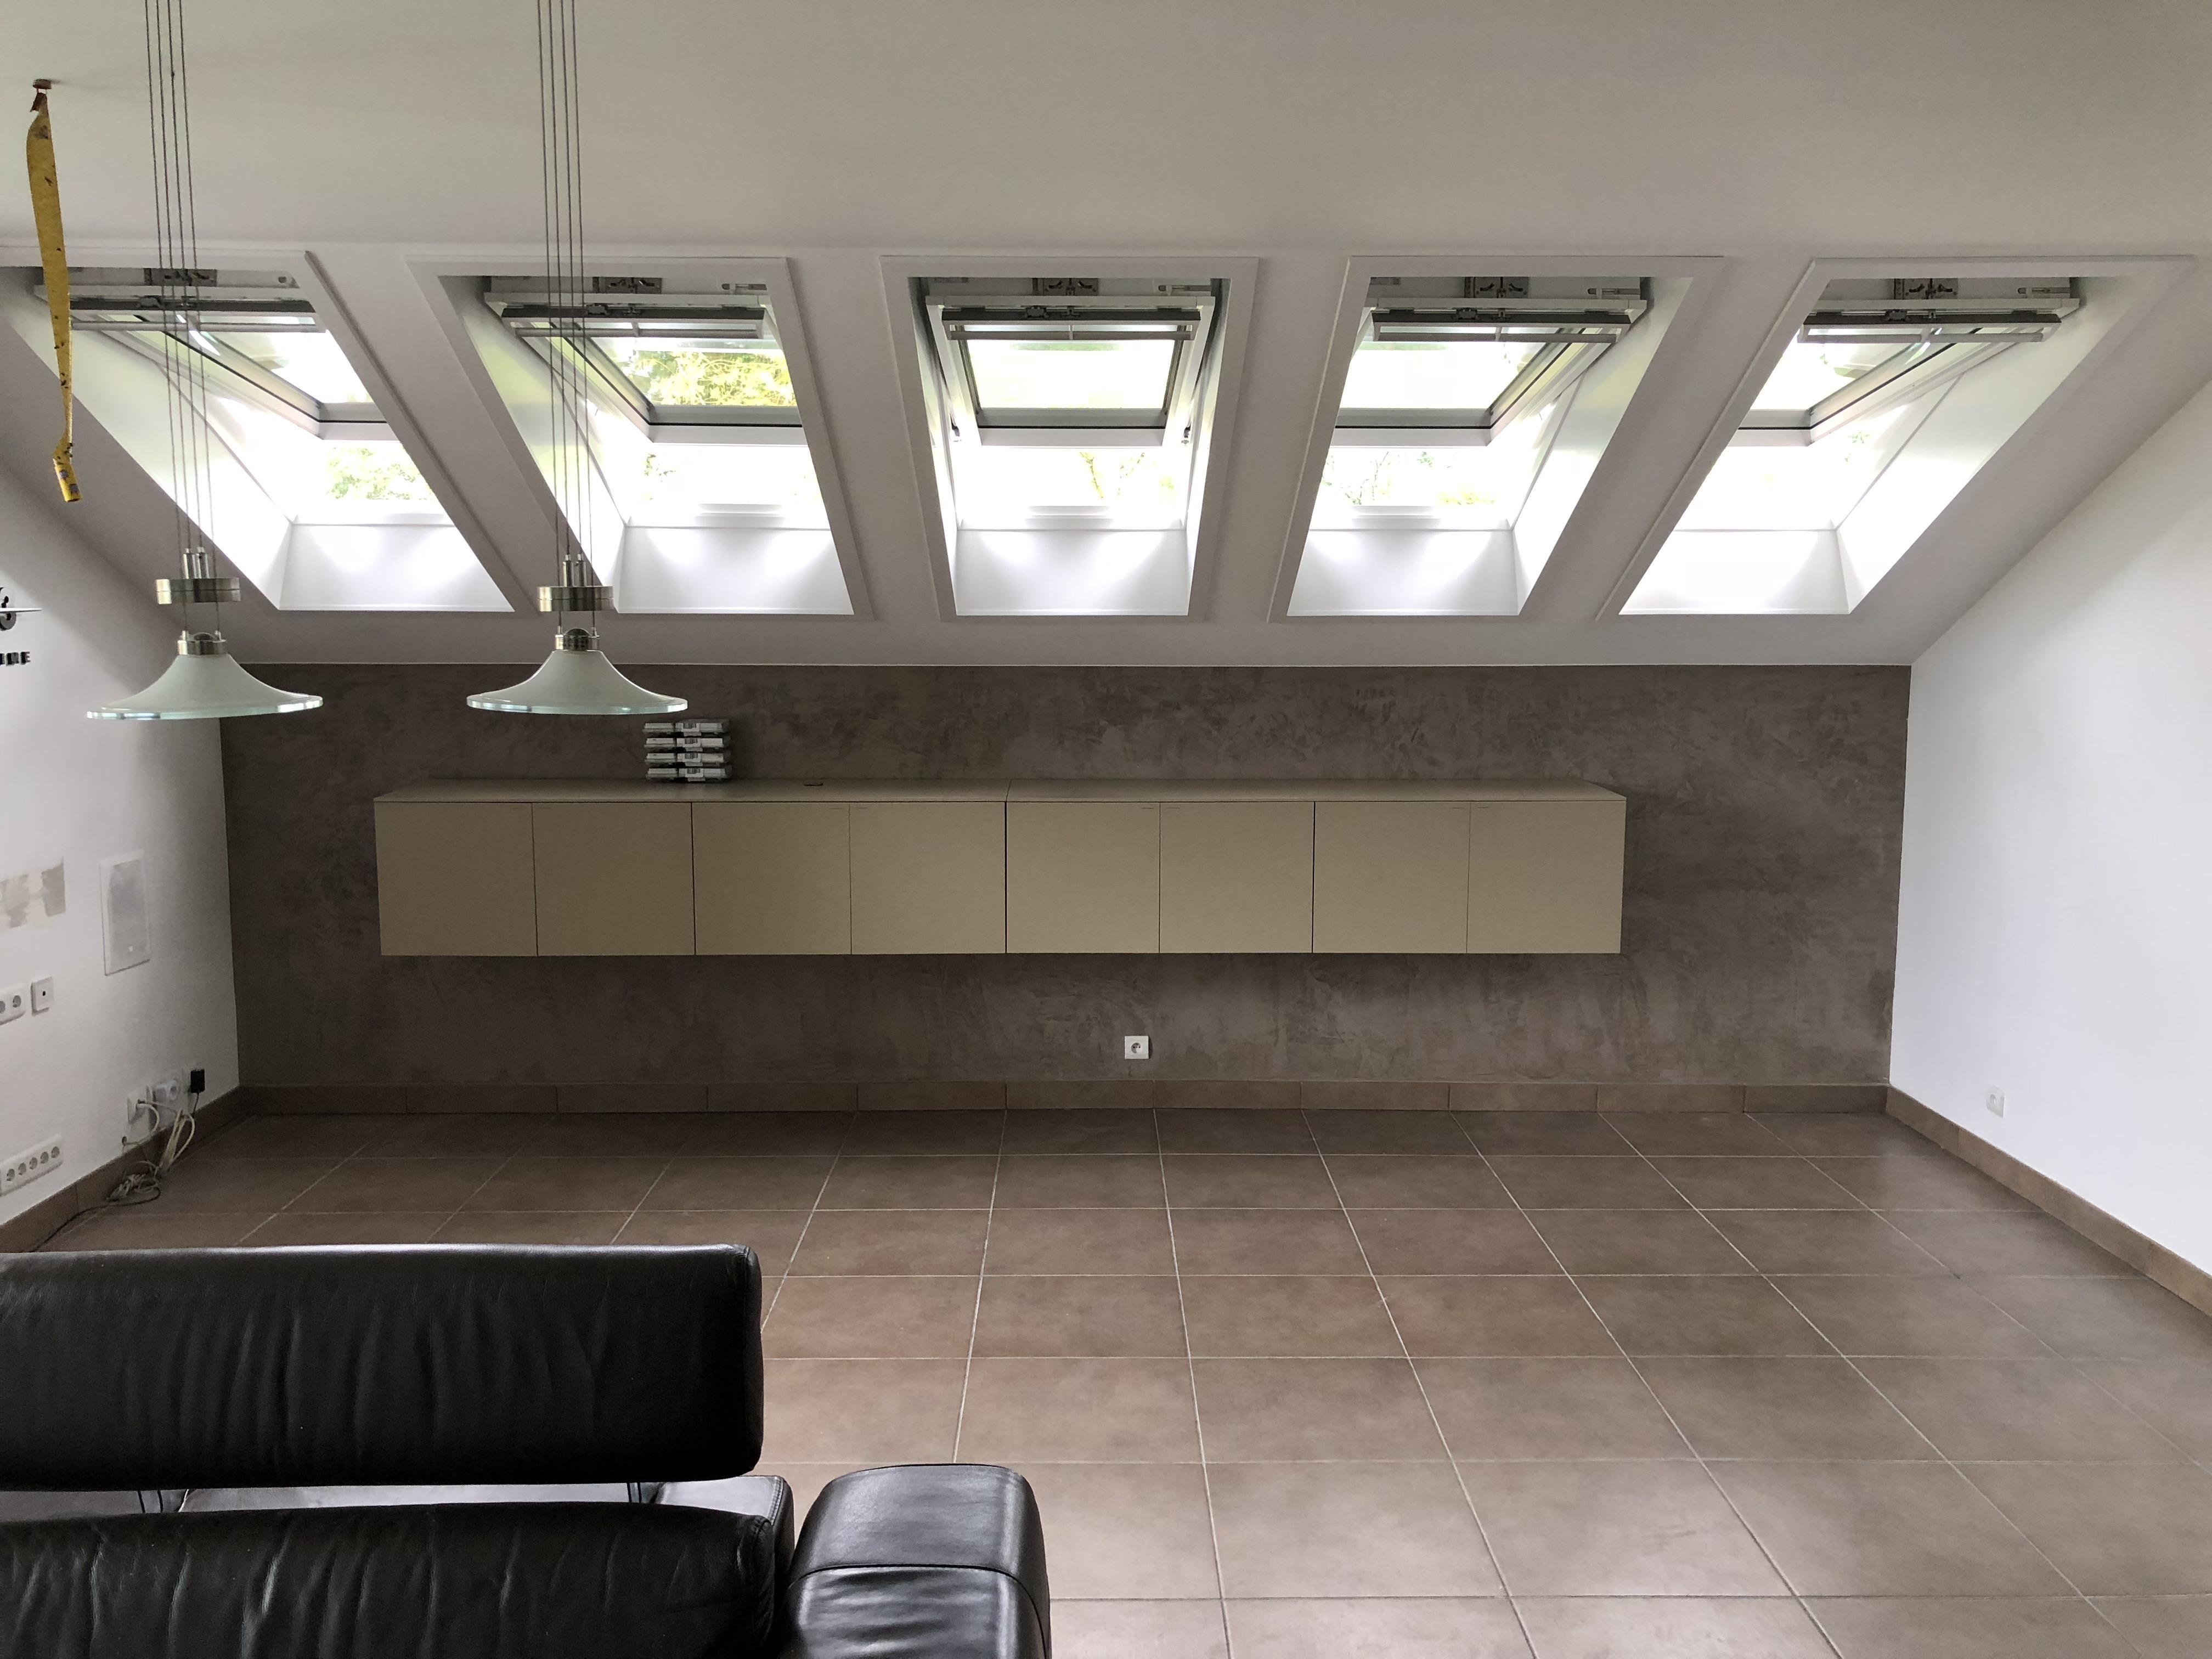 Réalisation de 5 fenêtres de toit VELUX à Thoiry dans l'Ain